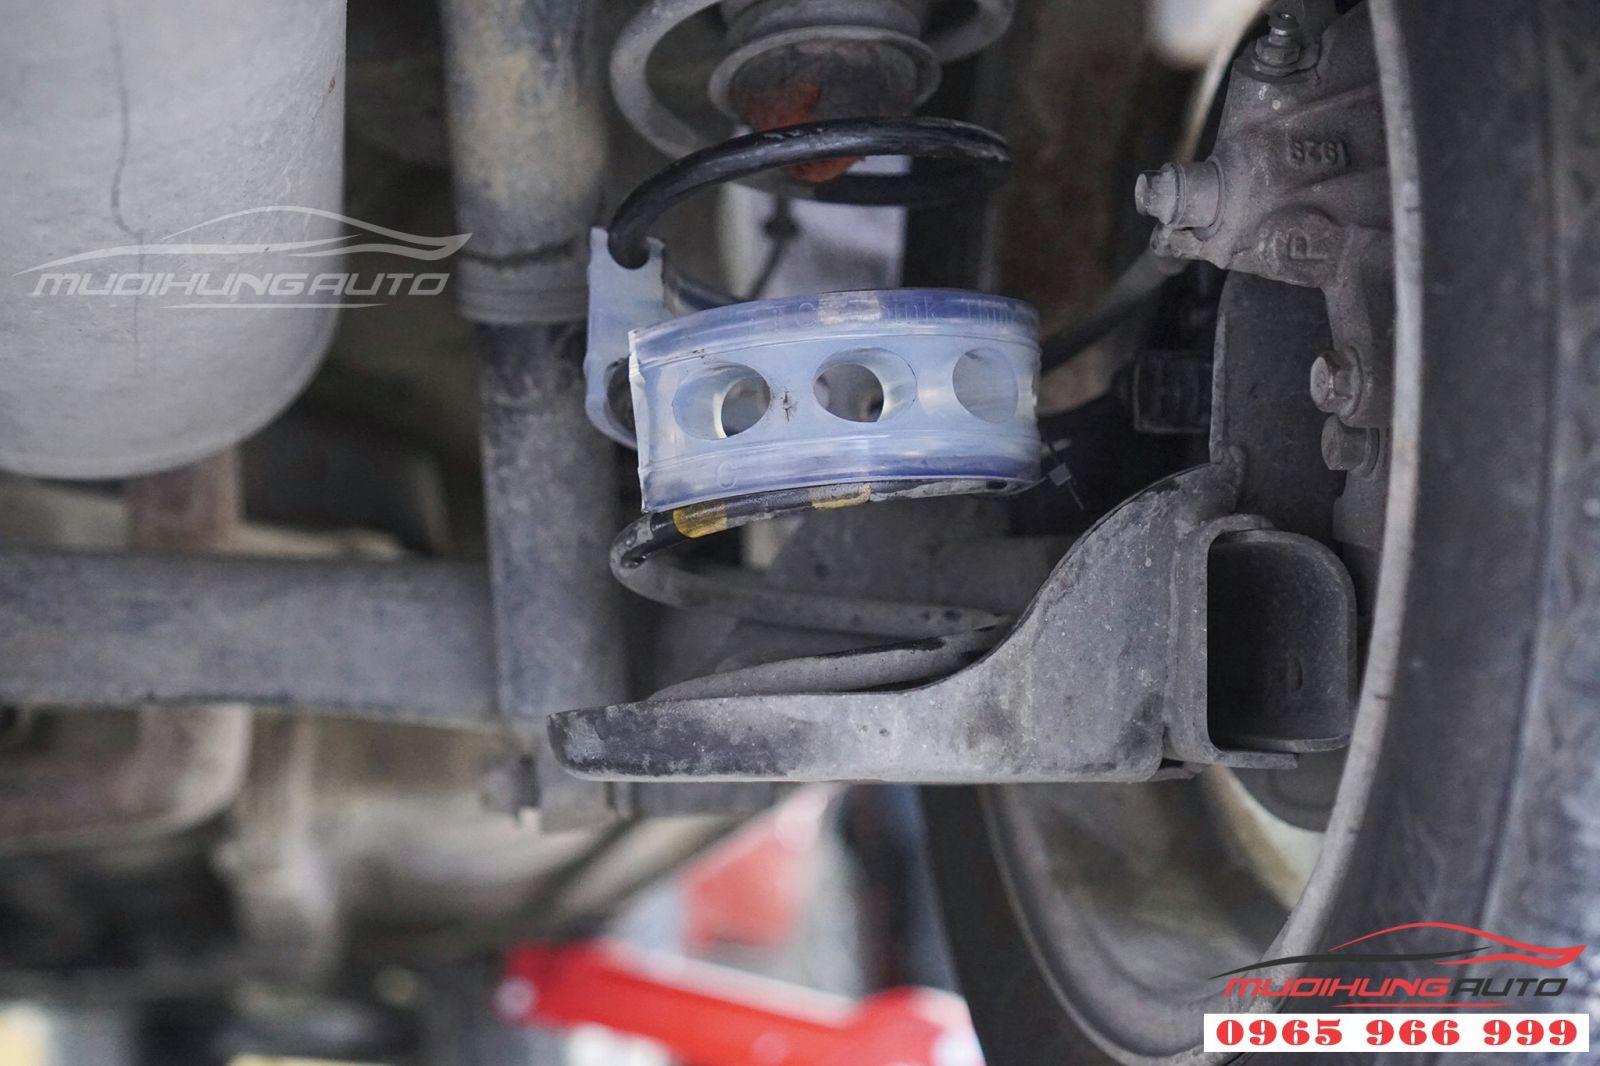 Đệm giảm chấn TTC cho Hyundai Grand i20 giá tốt 01